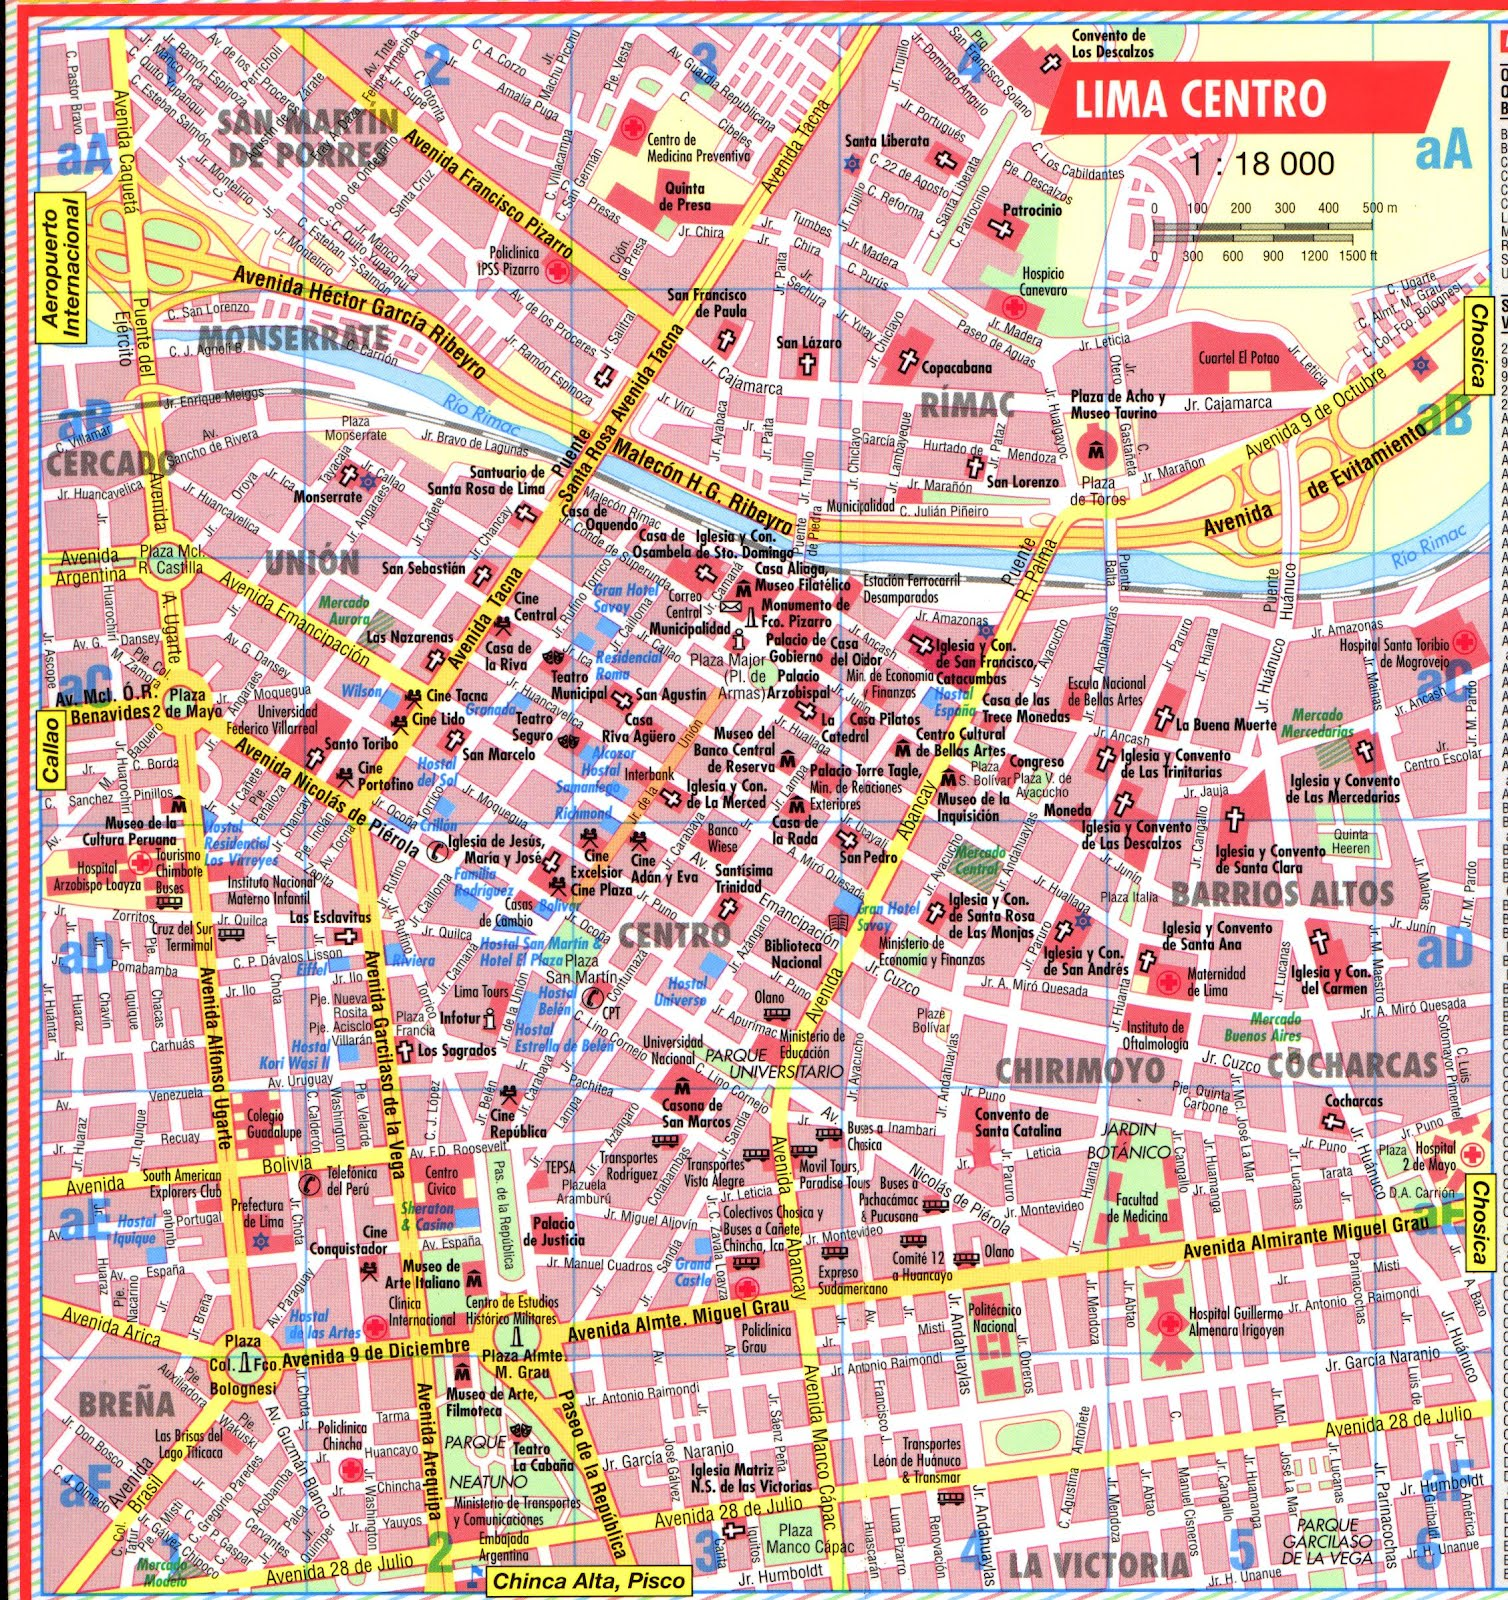 photo regarding Printable Map of Peru named Map of Lima Peru - Free of charge Printable Maps